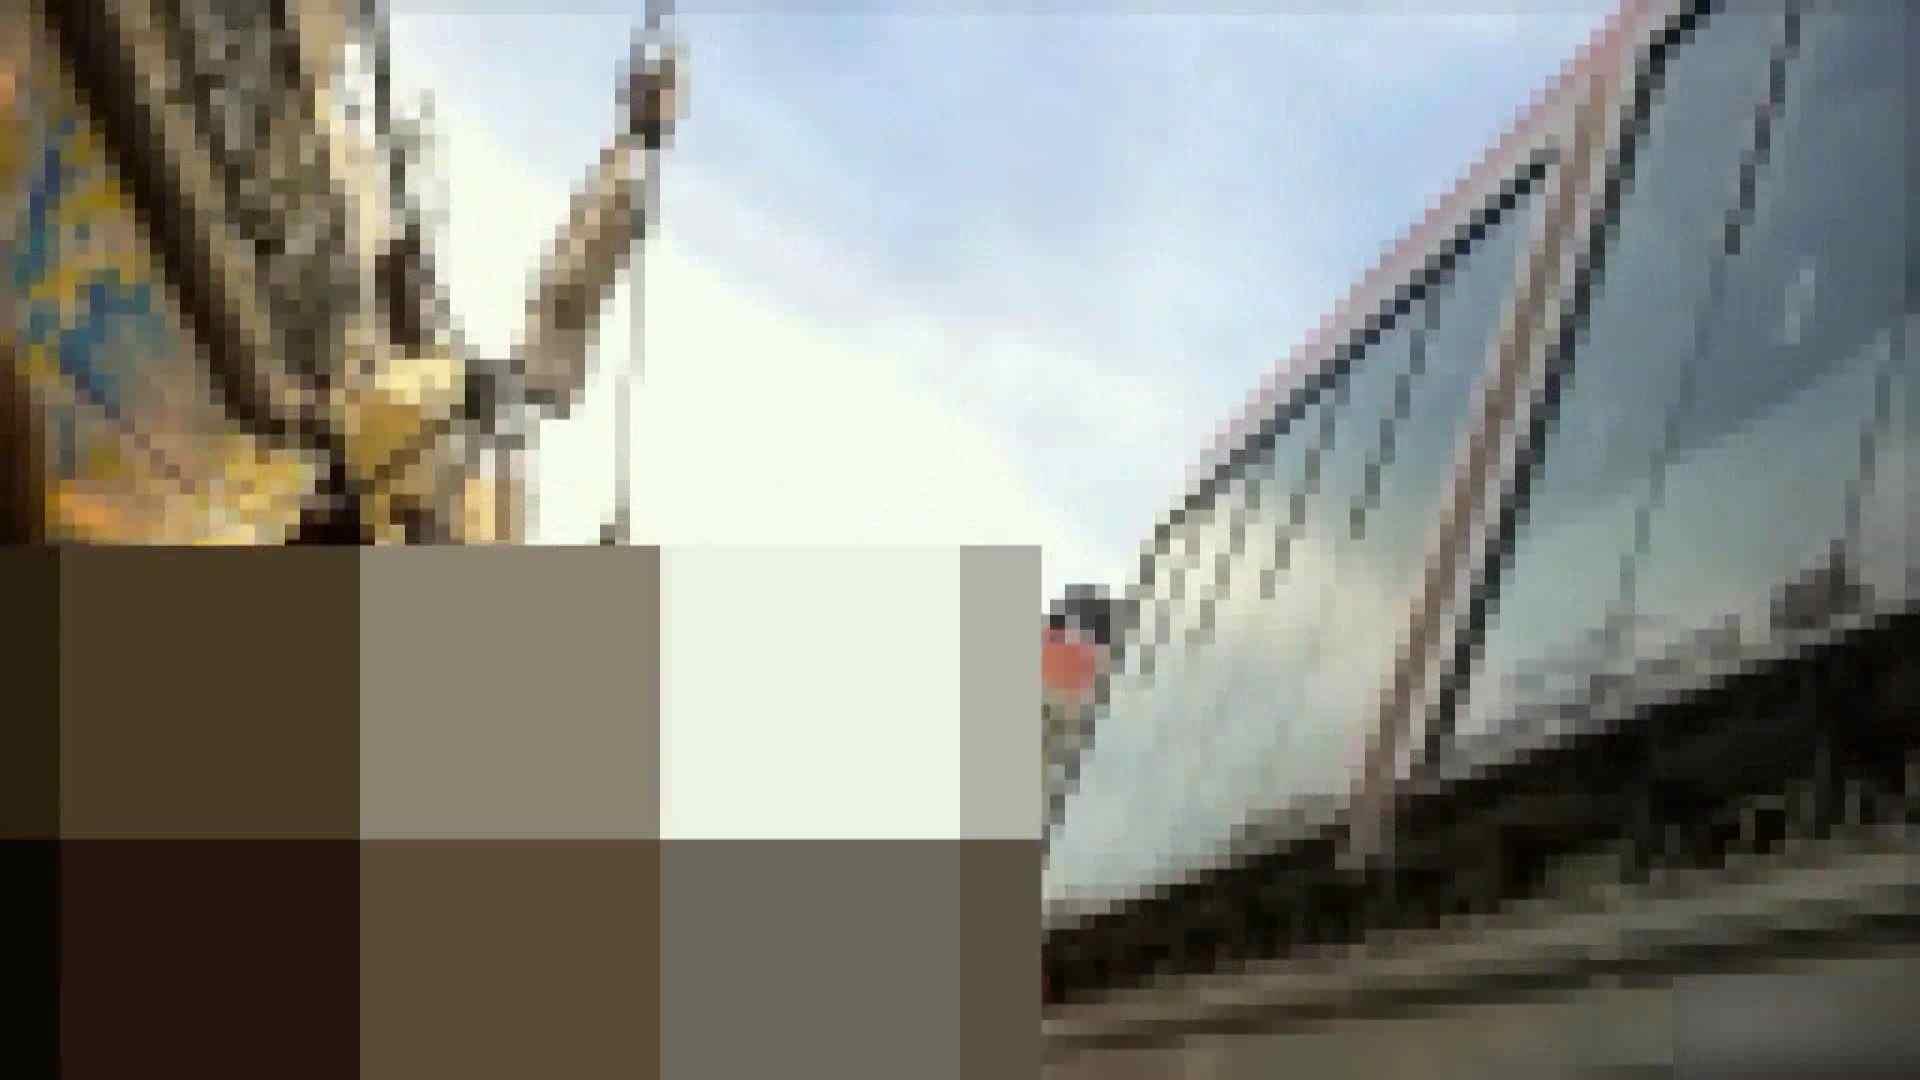 ガールズパンチラストリートビューVol.022 OLの実態 盗み撮りオマンコ動画キャプチャ 37pic 22